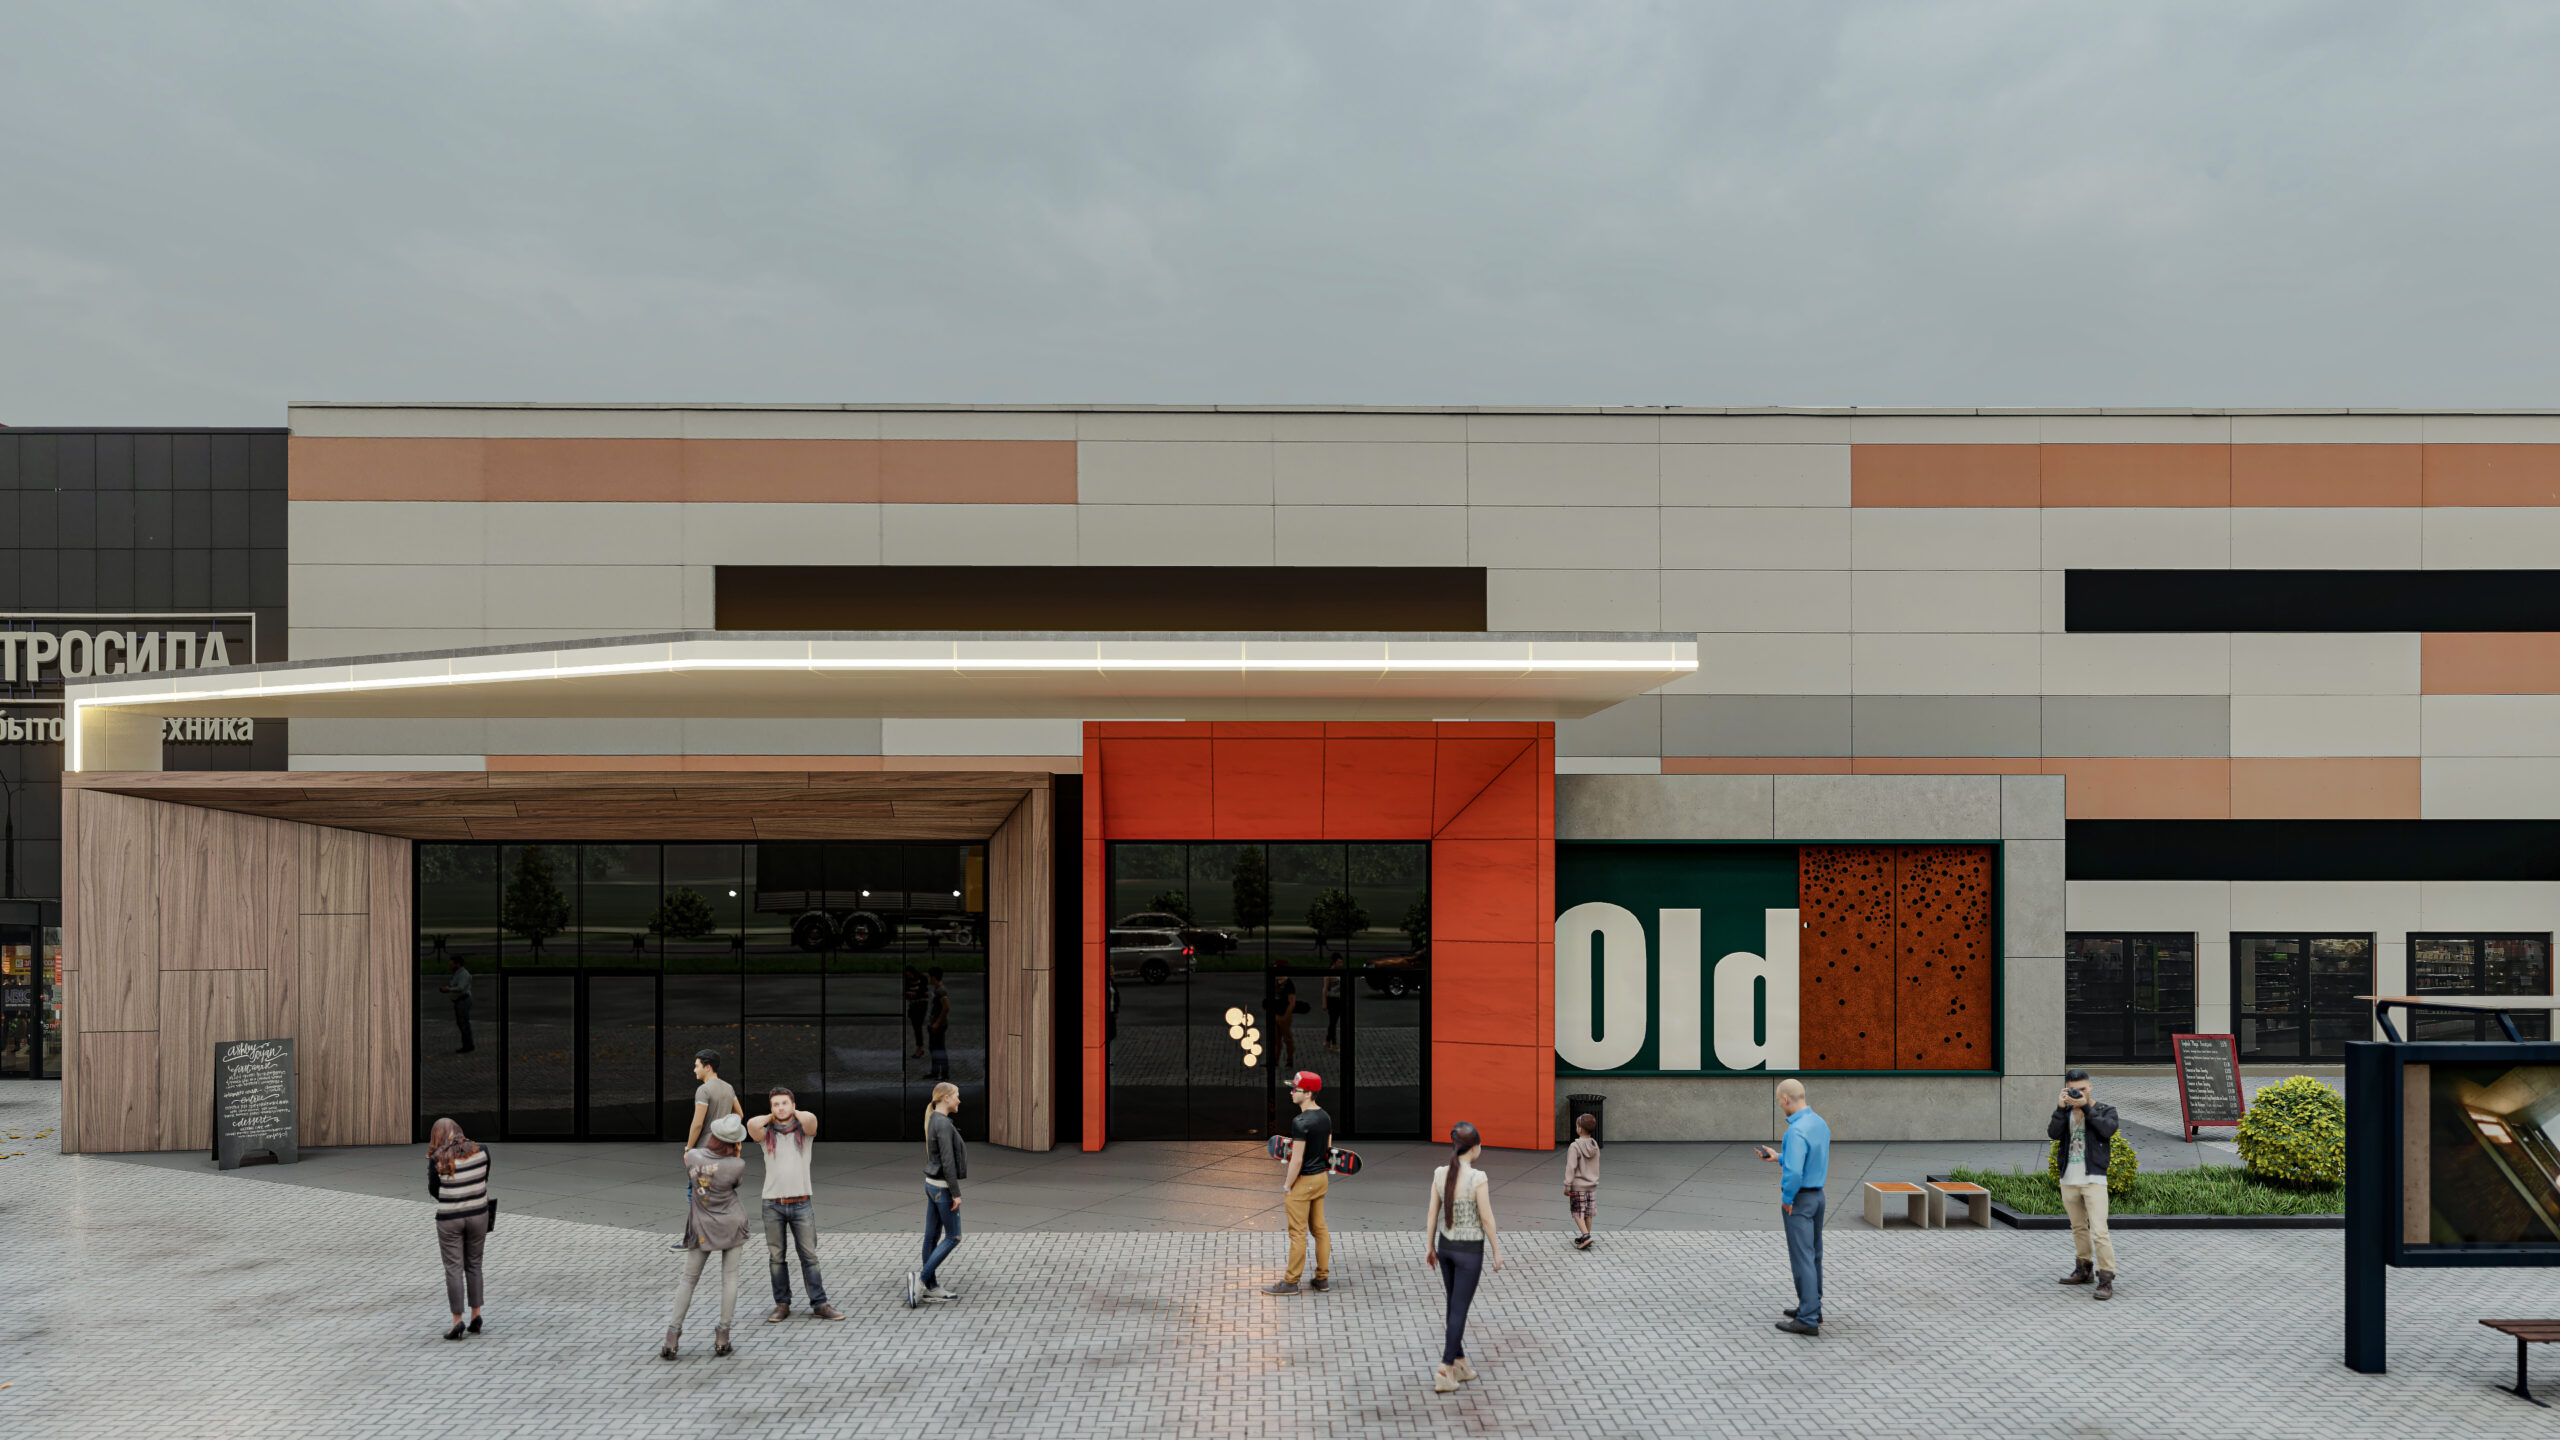 OldCity у Гродне зменіцца: да асноўнага будынку прыбудуюць новыя павільёны і веранды